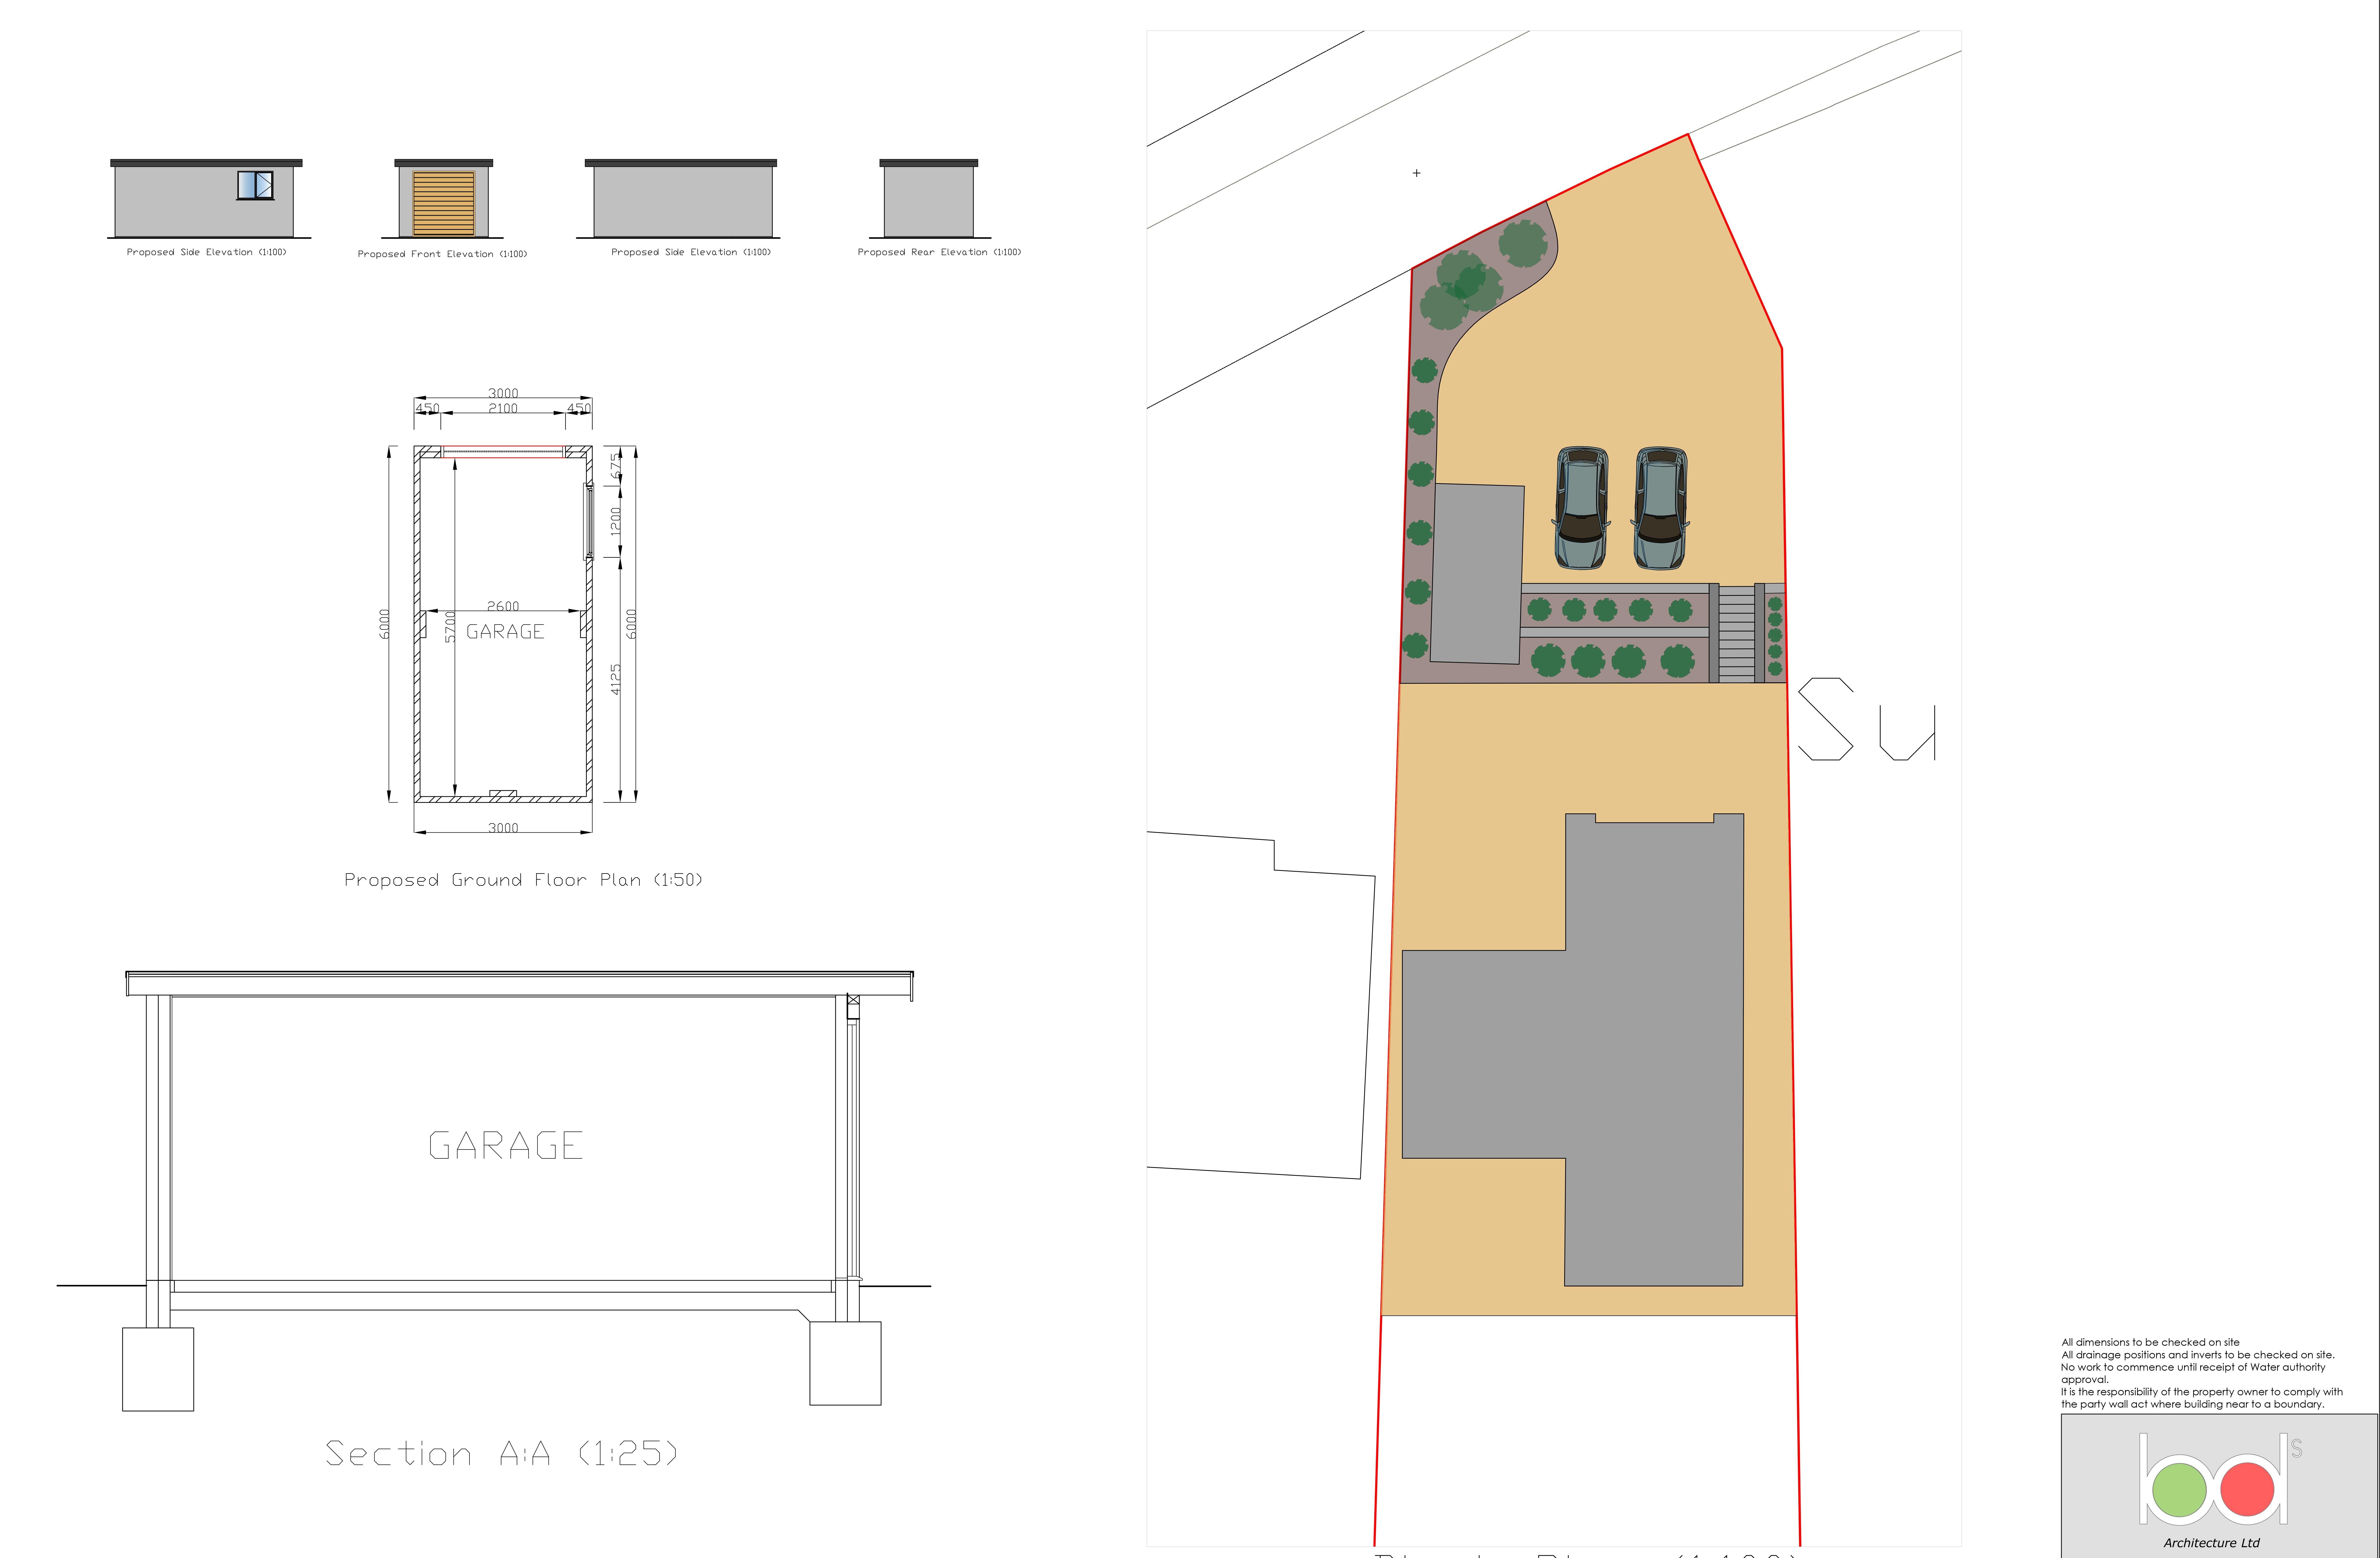 Toby's Hill Garage Design